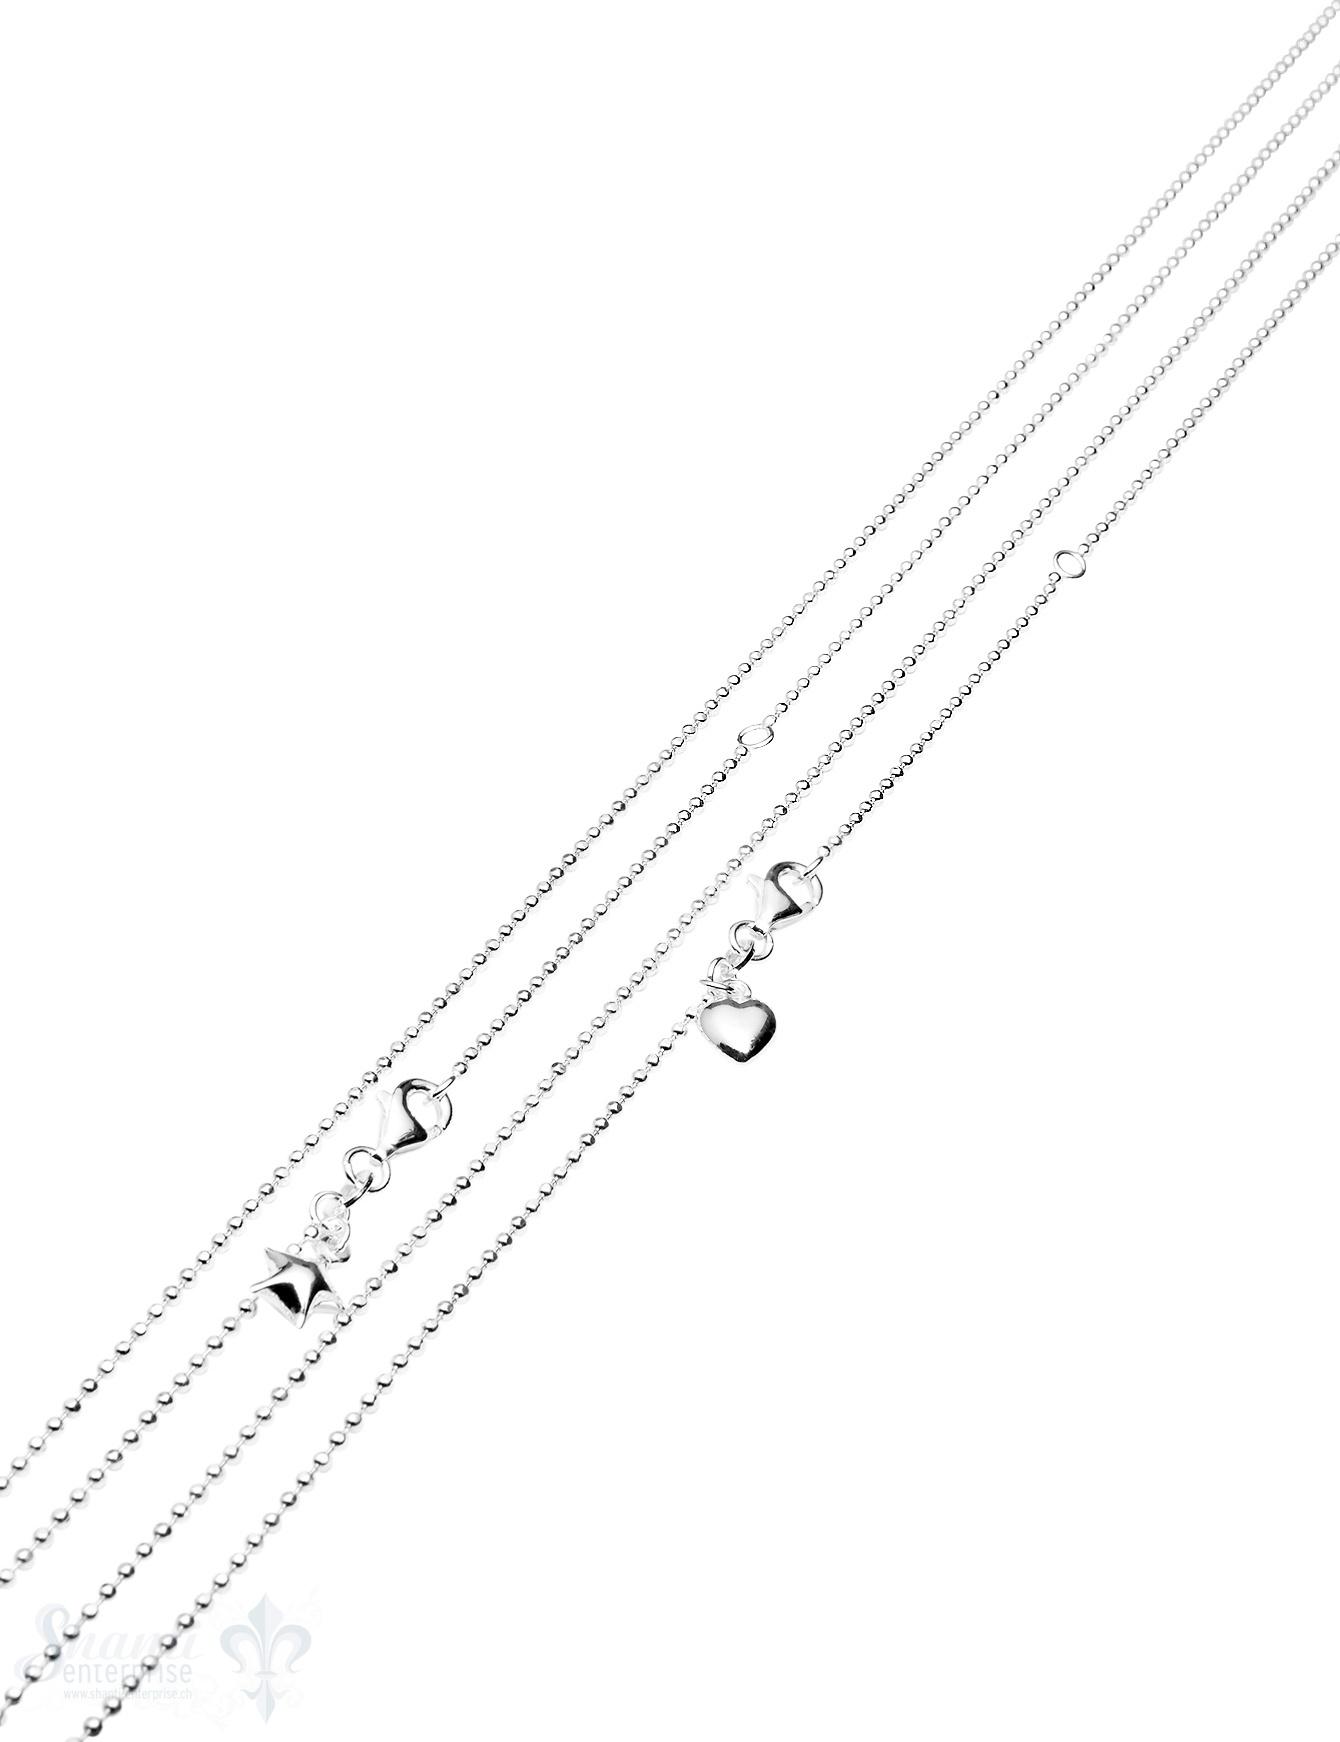 Silberkette Kugel facettiert  mit Herz oder Stern 1,5 mm Grössen verstellbar mit Karabiner